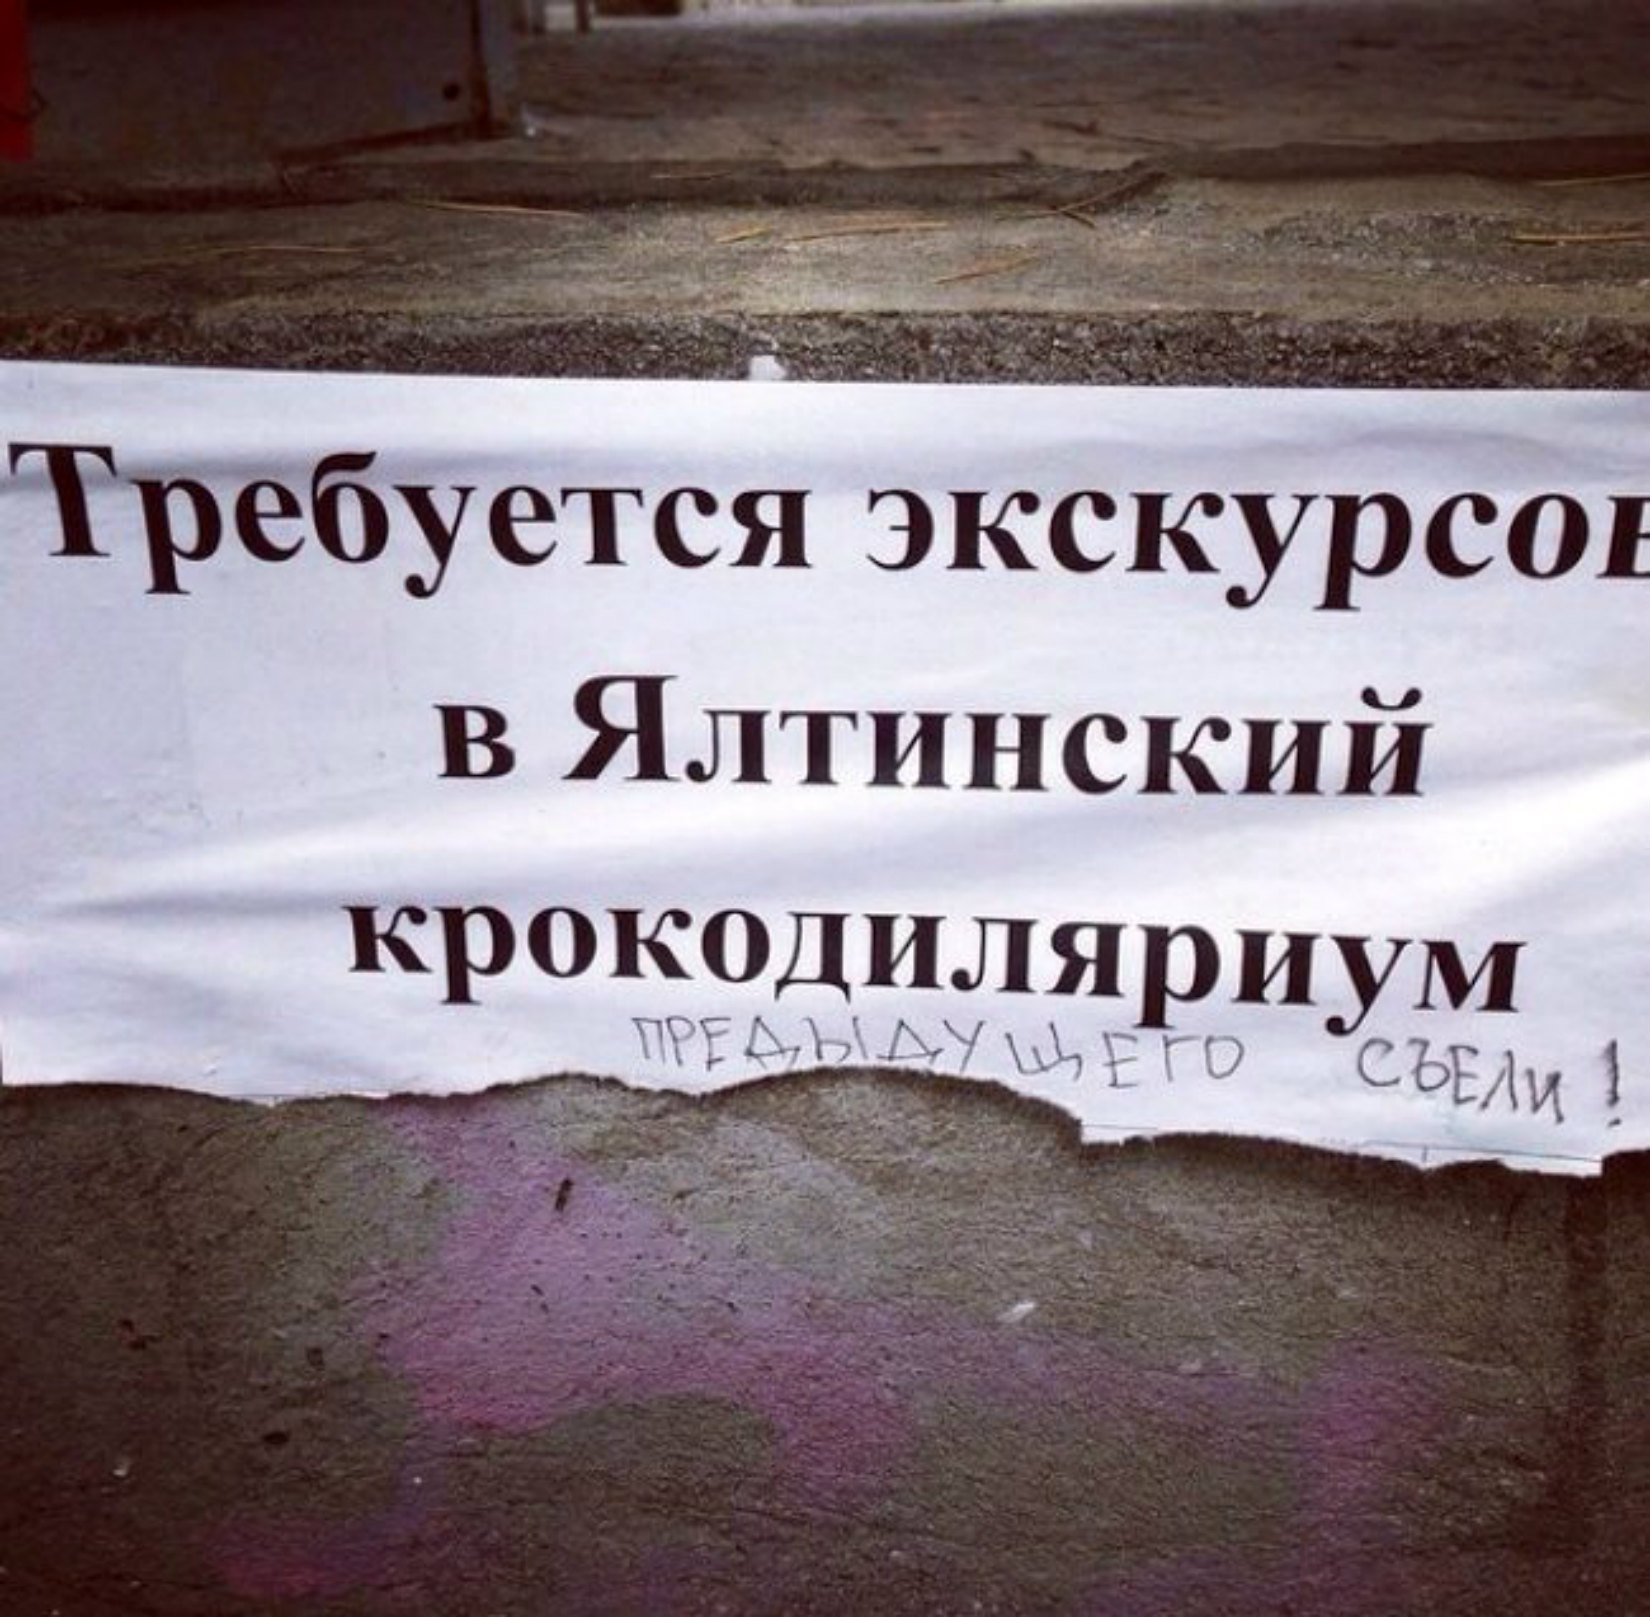 http://s7.uploads.ru/WKFRU.jpg